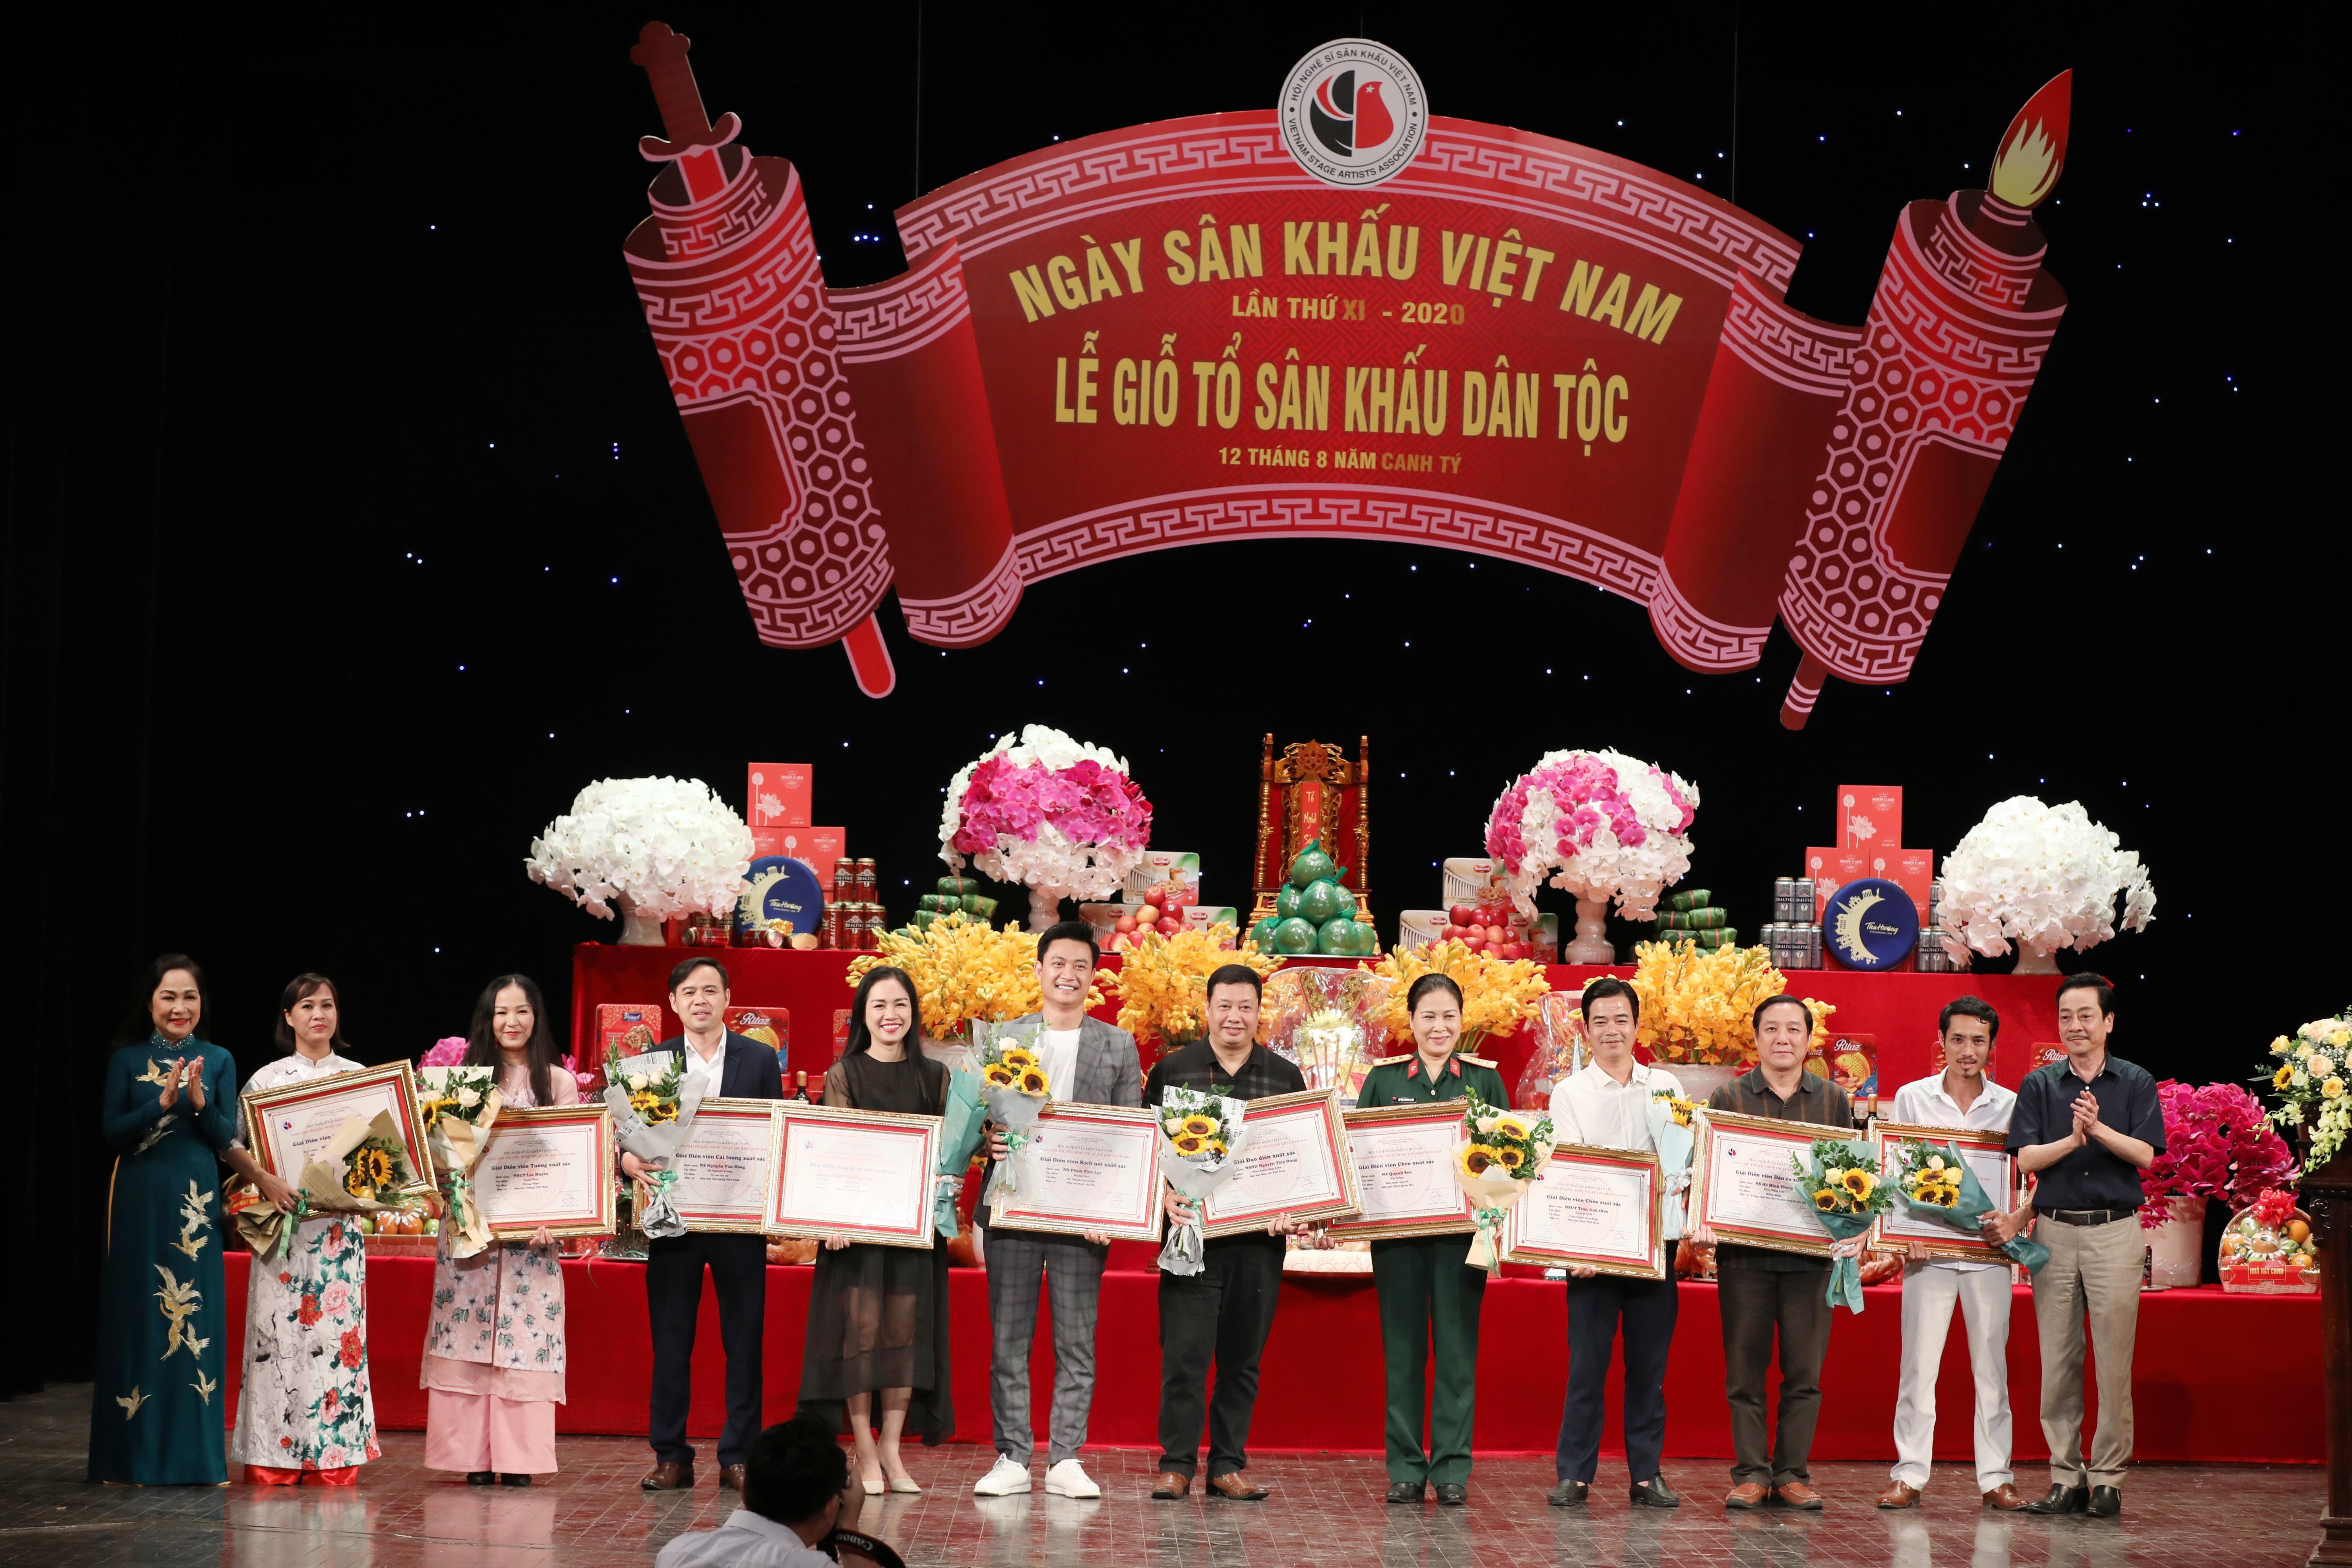 Trao Giải thưởng sân khấu năm 2020.